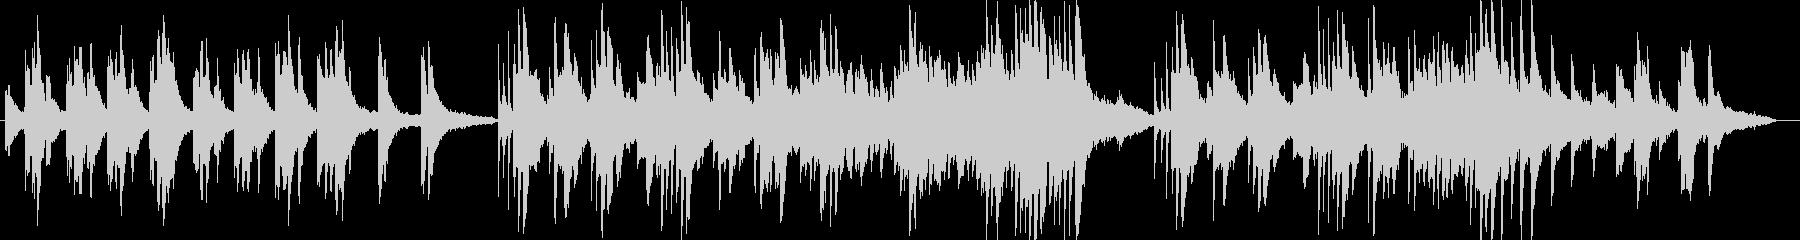 美しくエレガントなピアノのバラードの未再生の波形